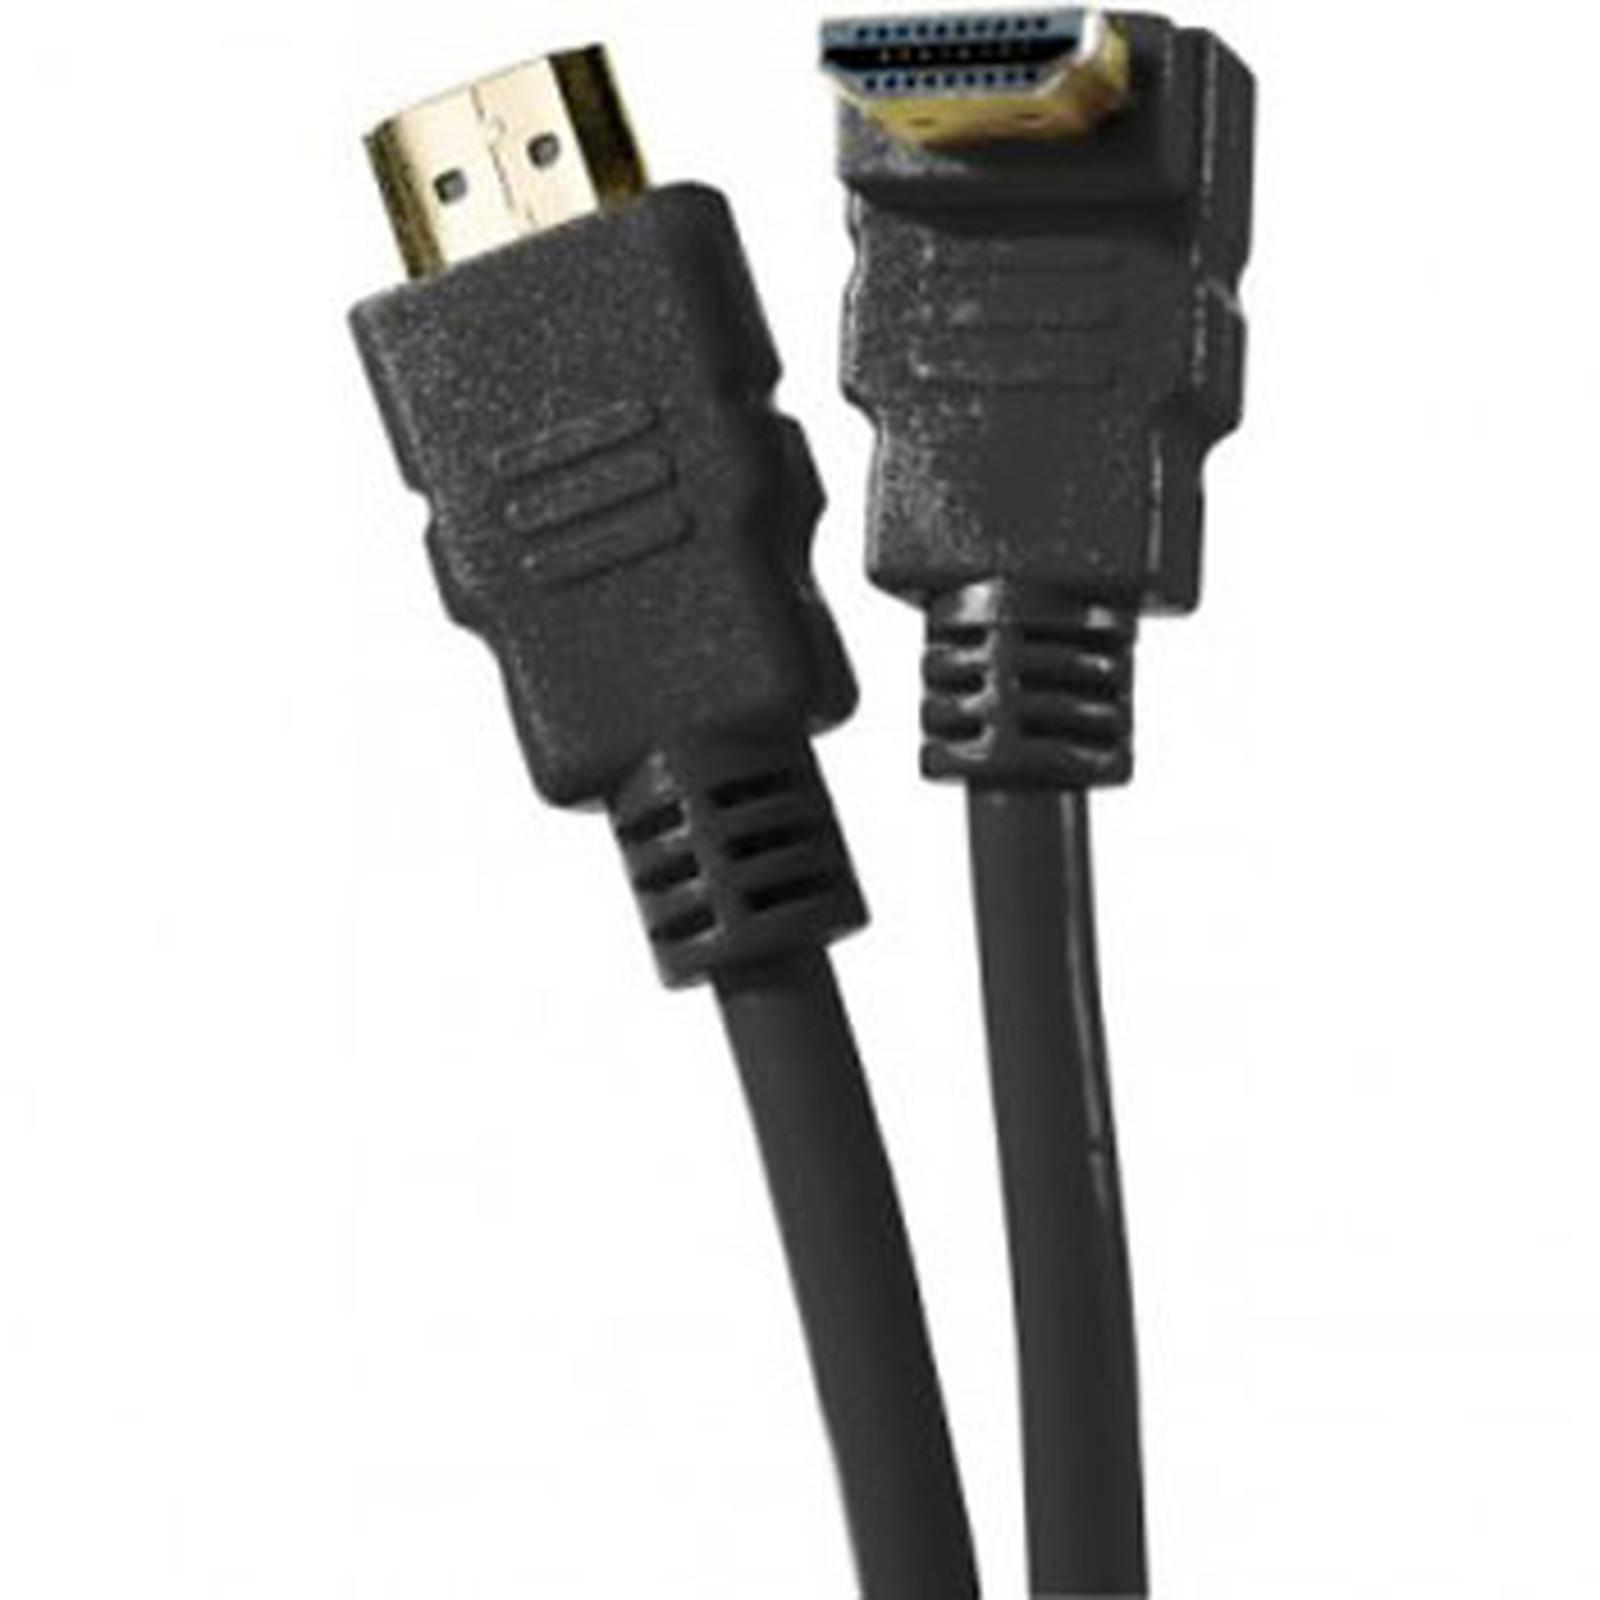 Câble HDMI 1.4 Ethernet Channel Coudé mâle/mâle Noir - (3 mètres)